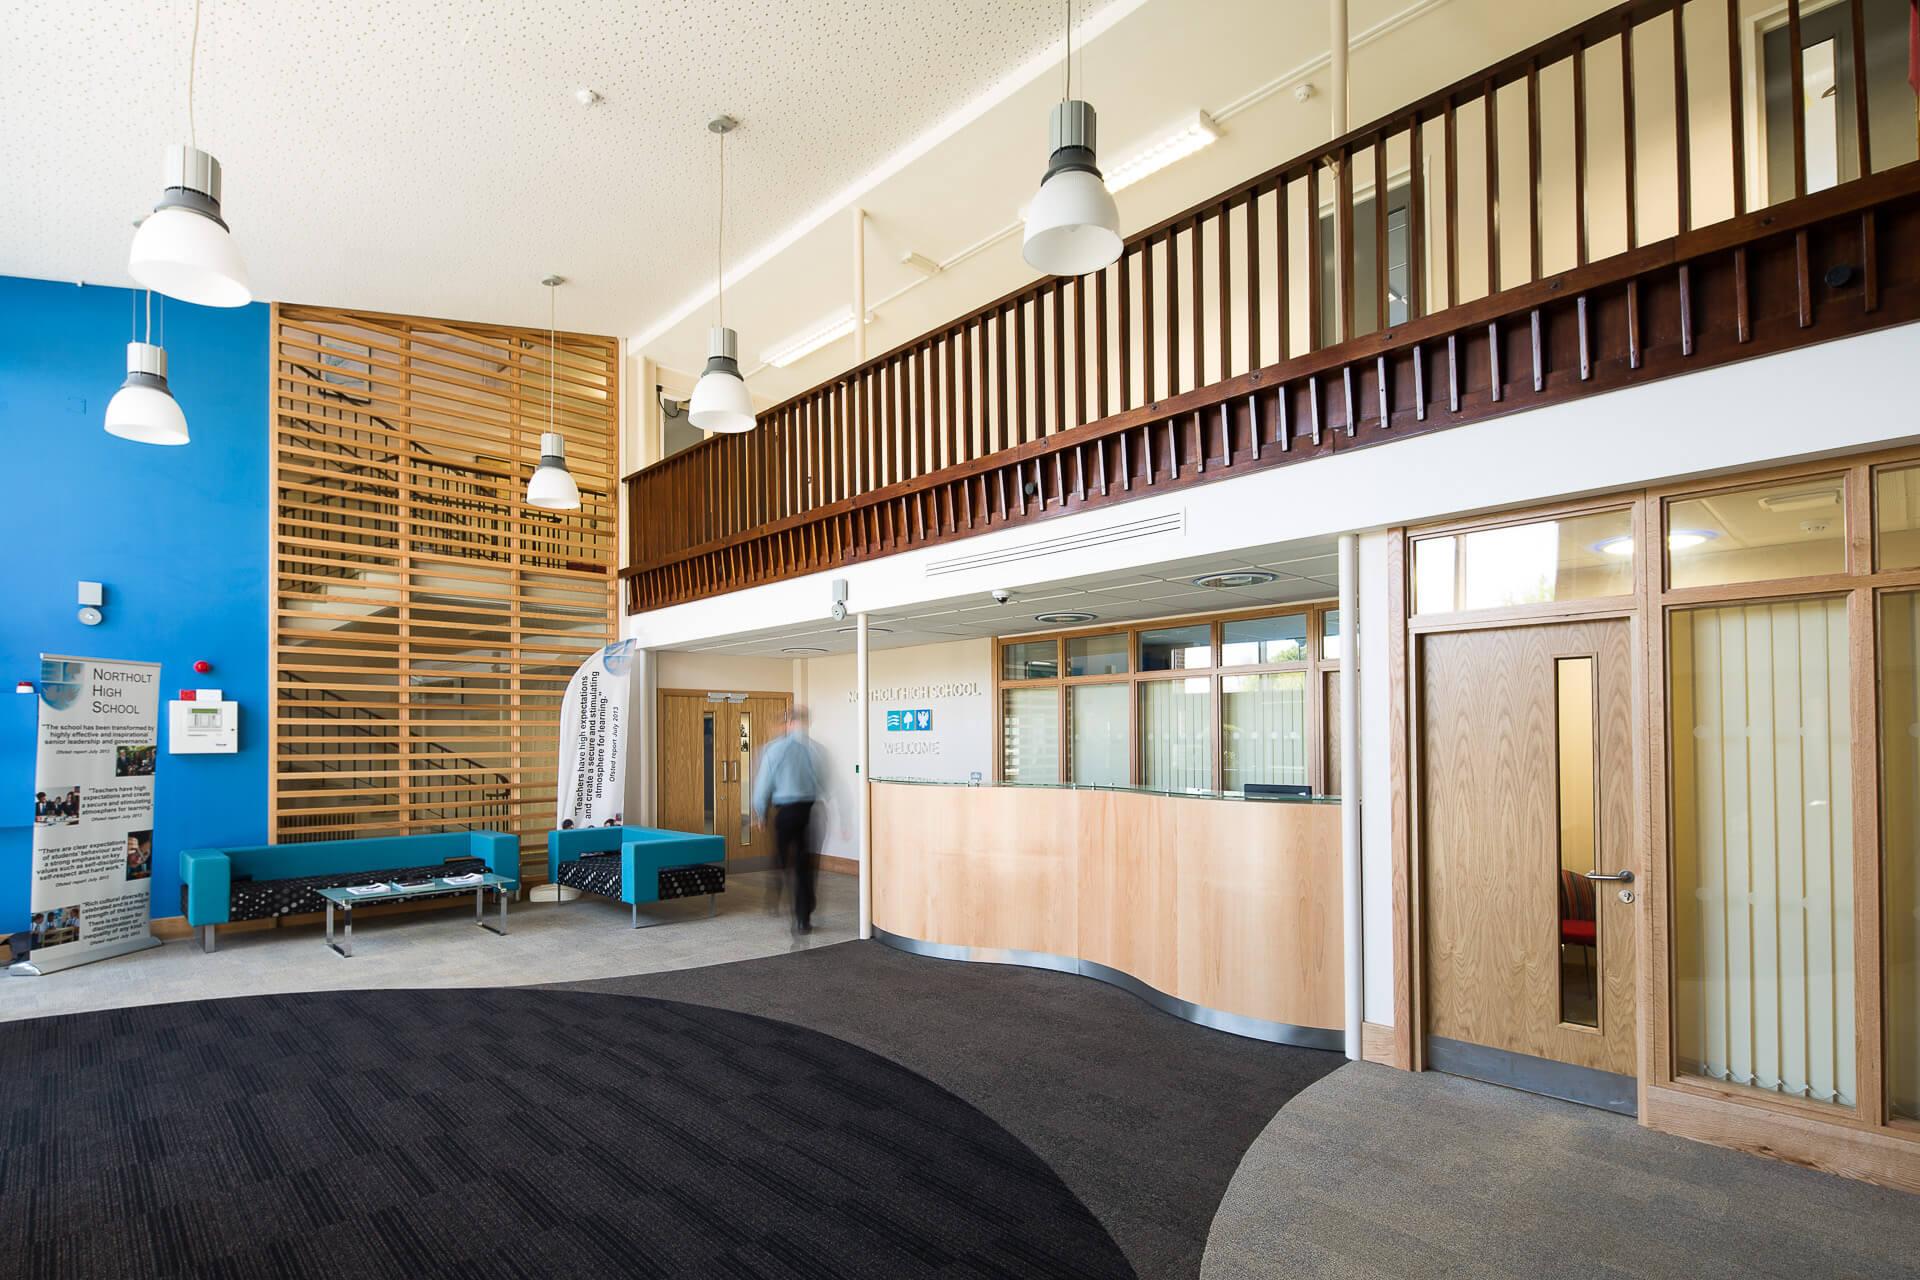 Notholt High School | Case Studies | Pinnacle Furniture